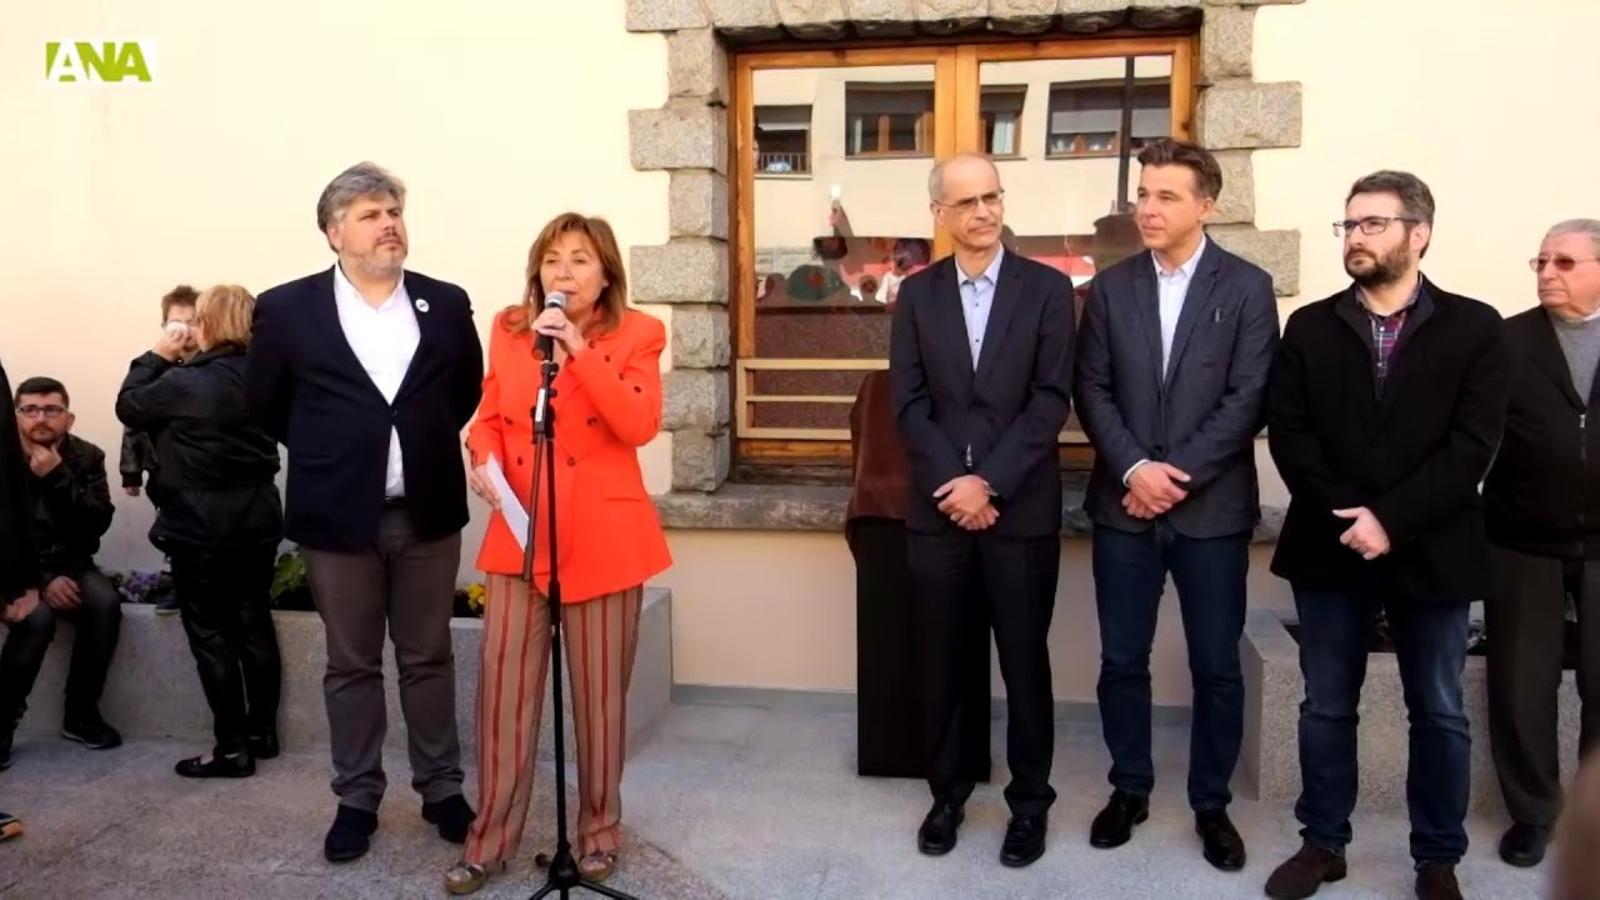 Festa d'inauguració de la plaça i el parc Ciutat de Valls